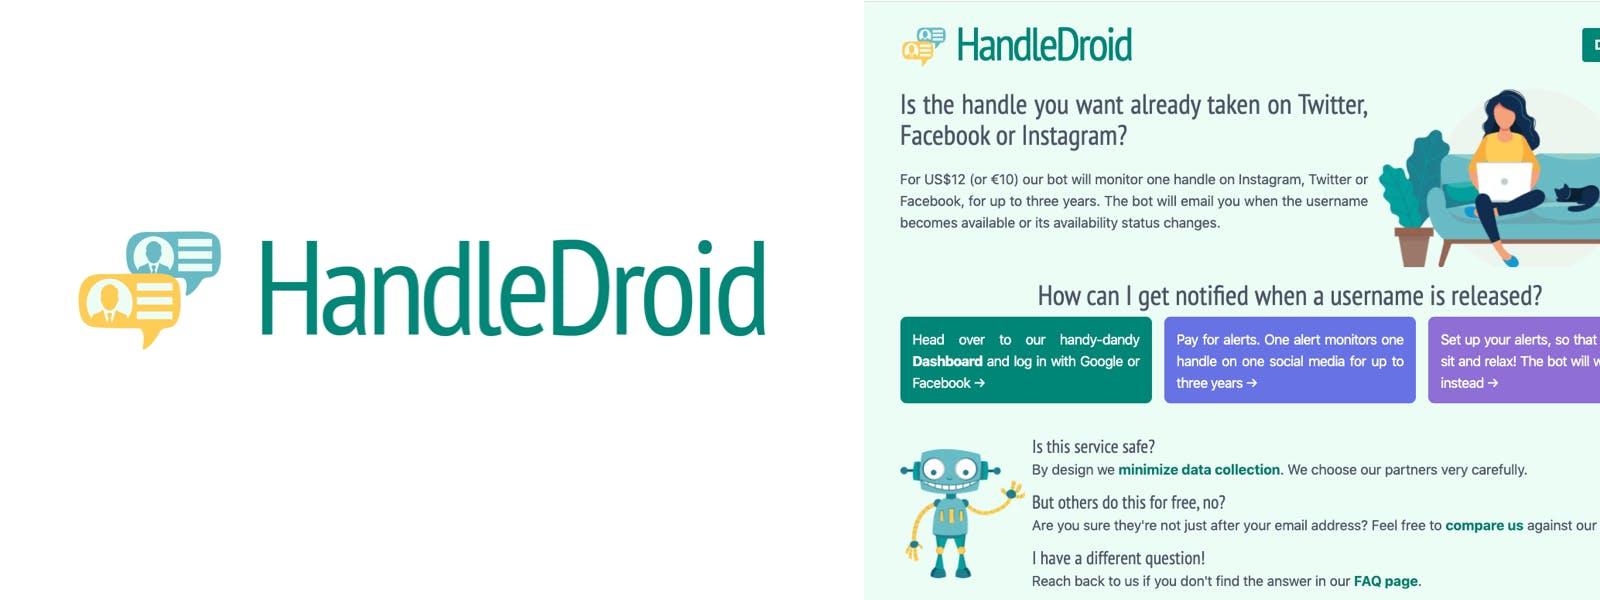 HandleDroid older brand design